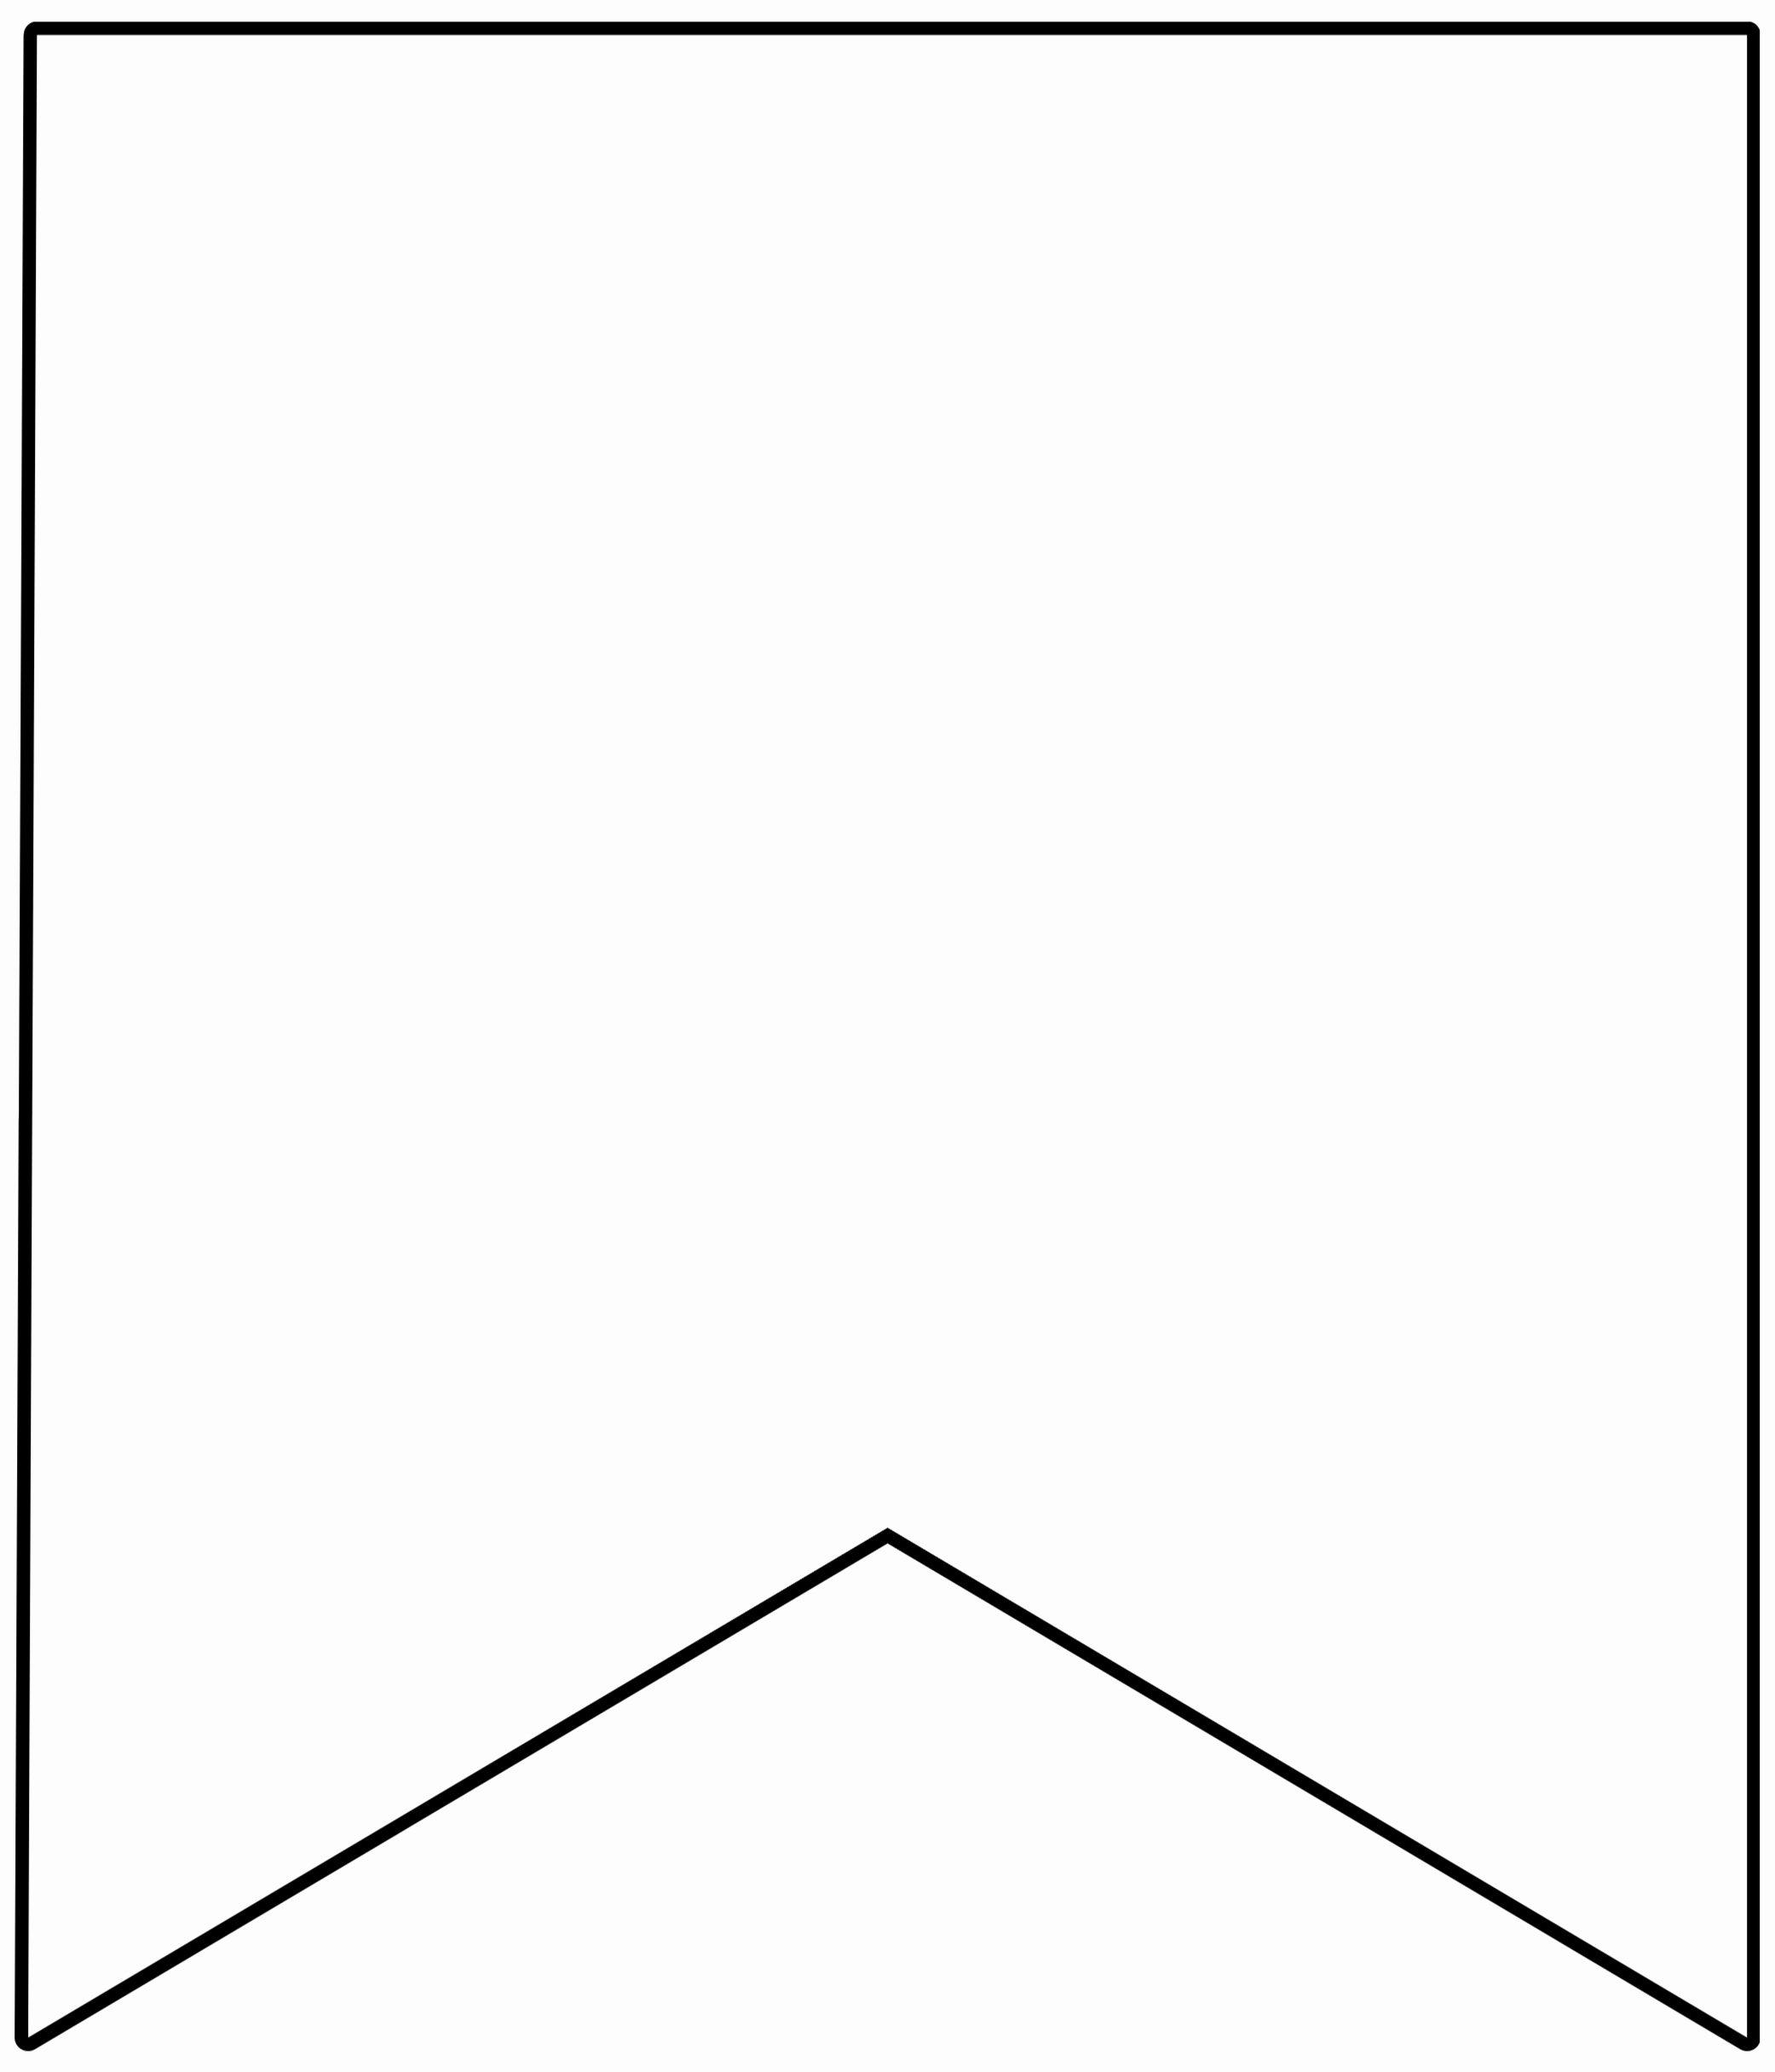 Printable Banner Template Uma Printable